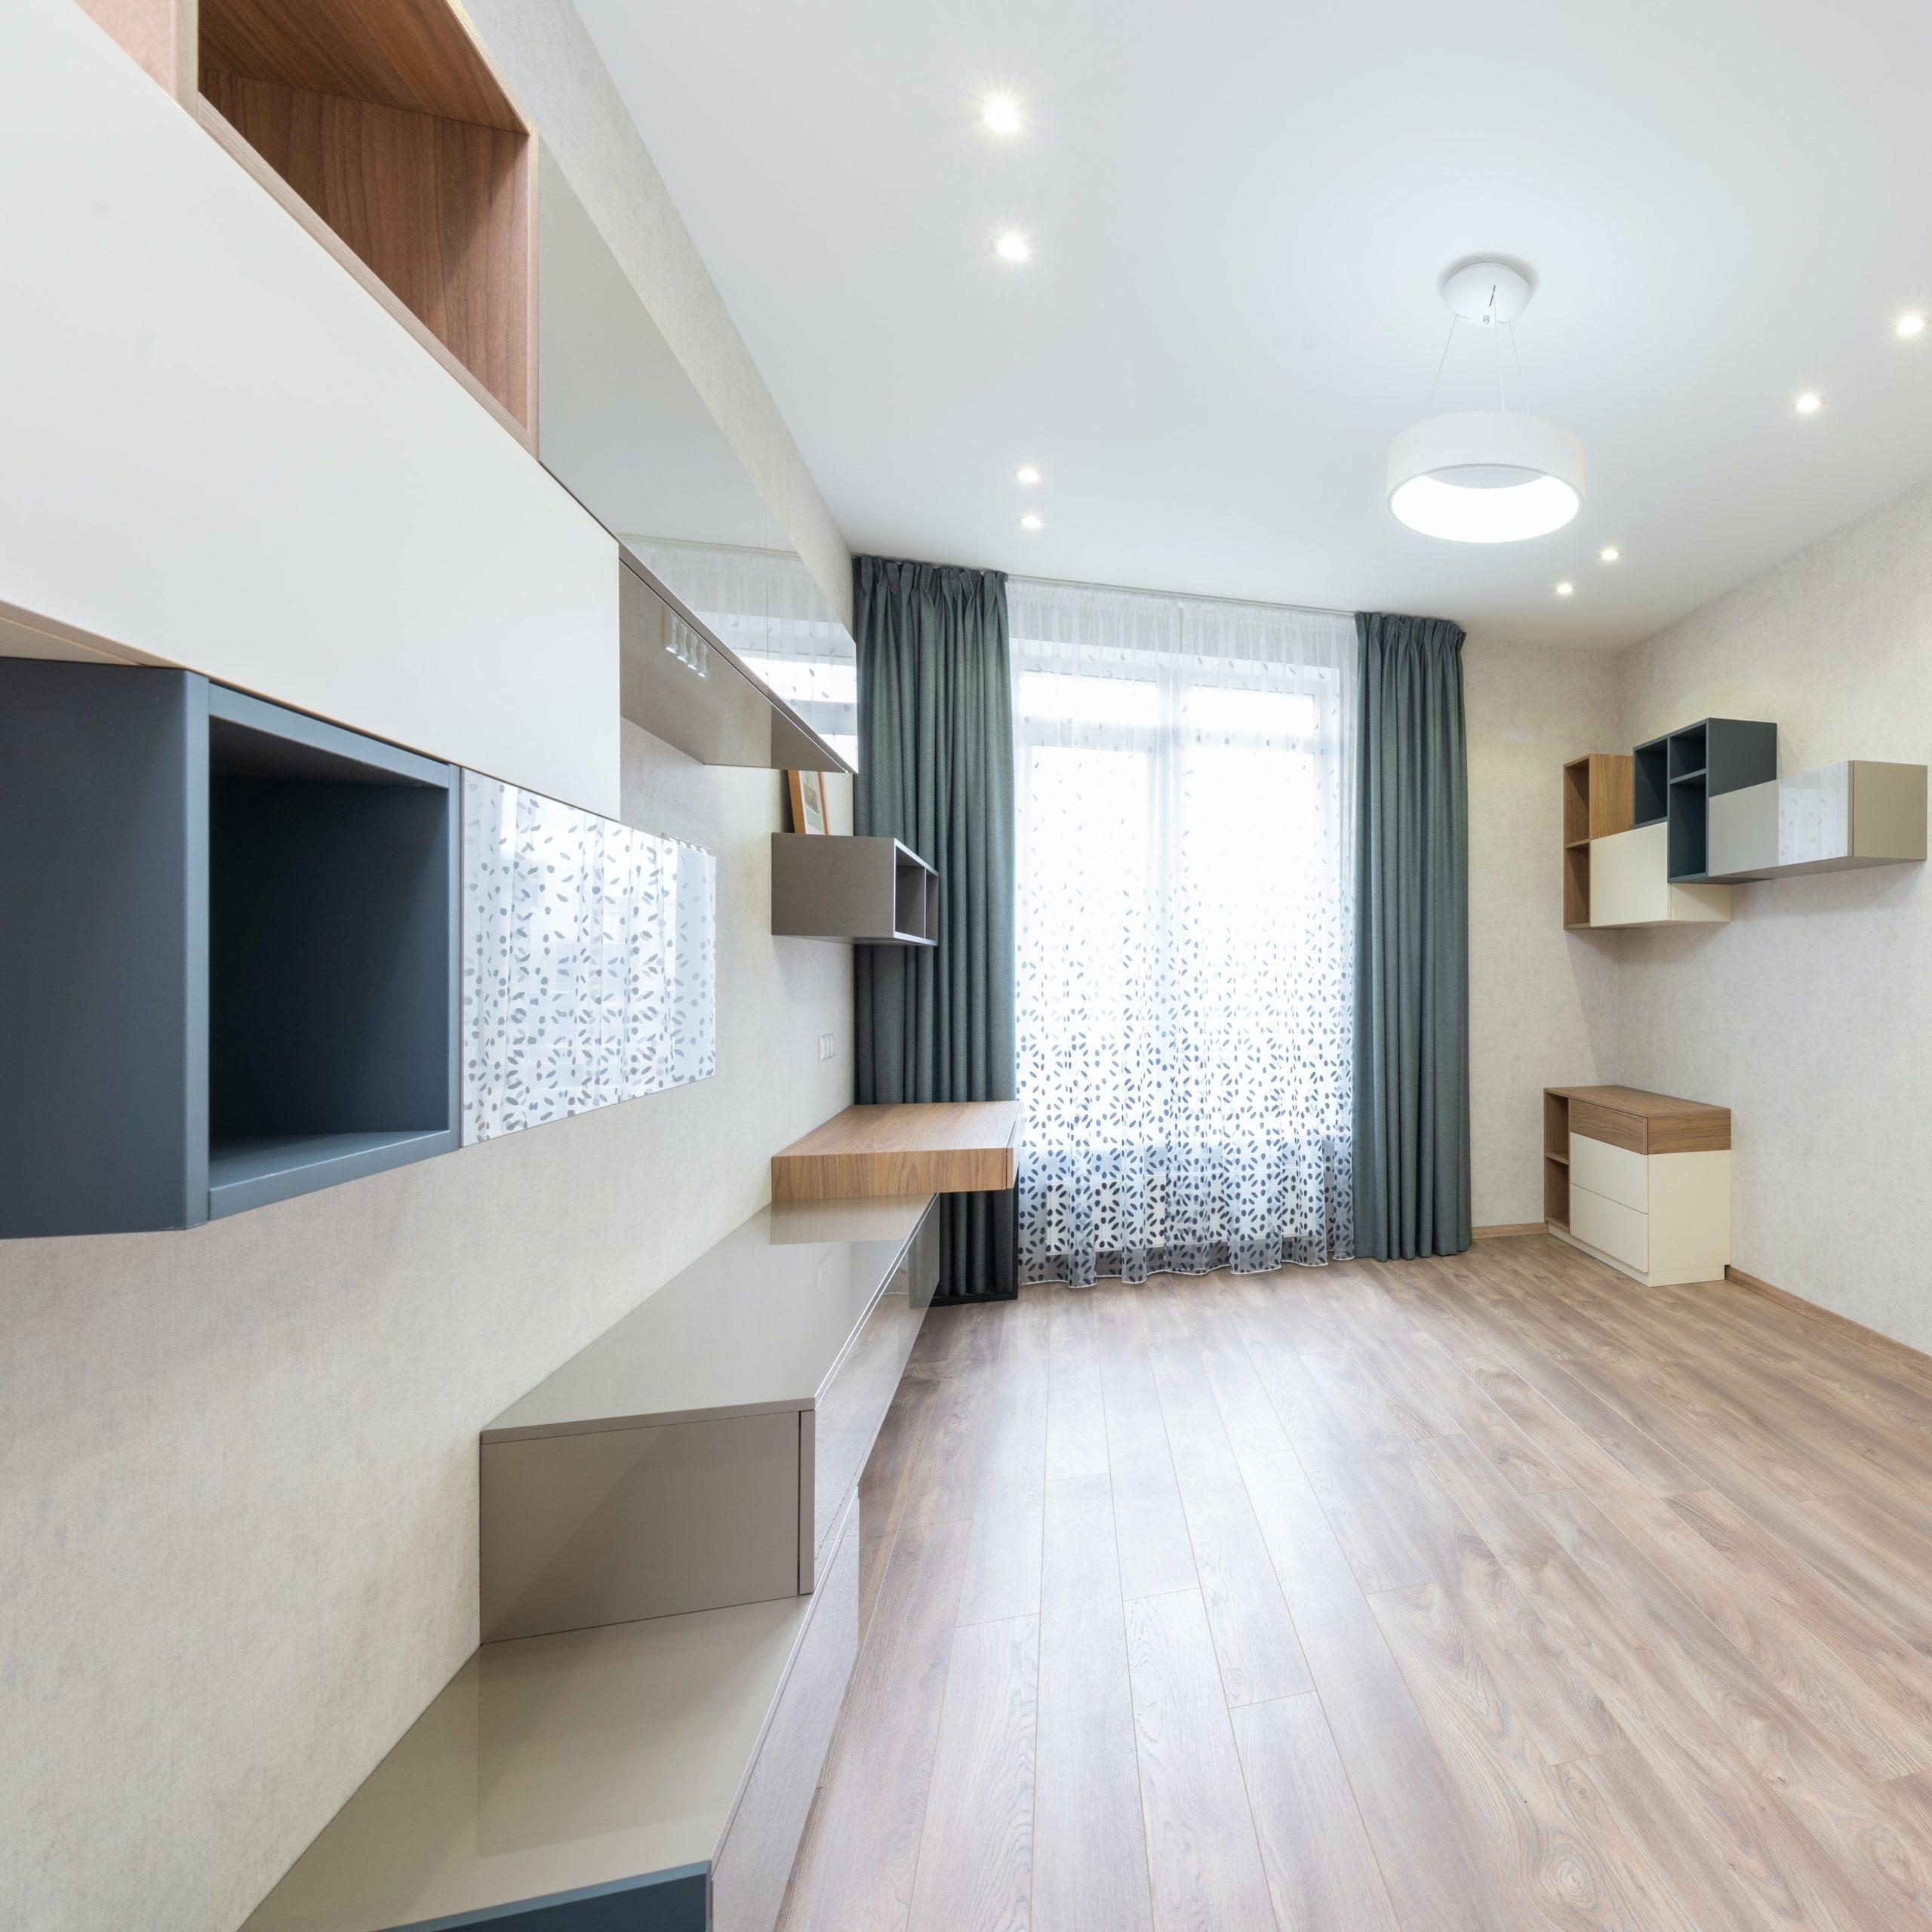 Заказать мебель в гостиную (гостинную) в Твери